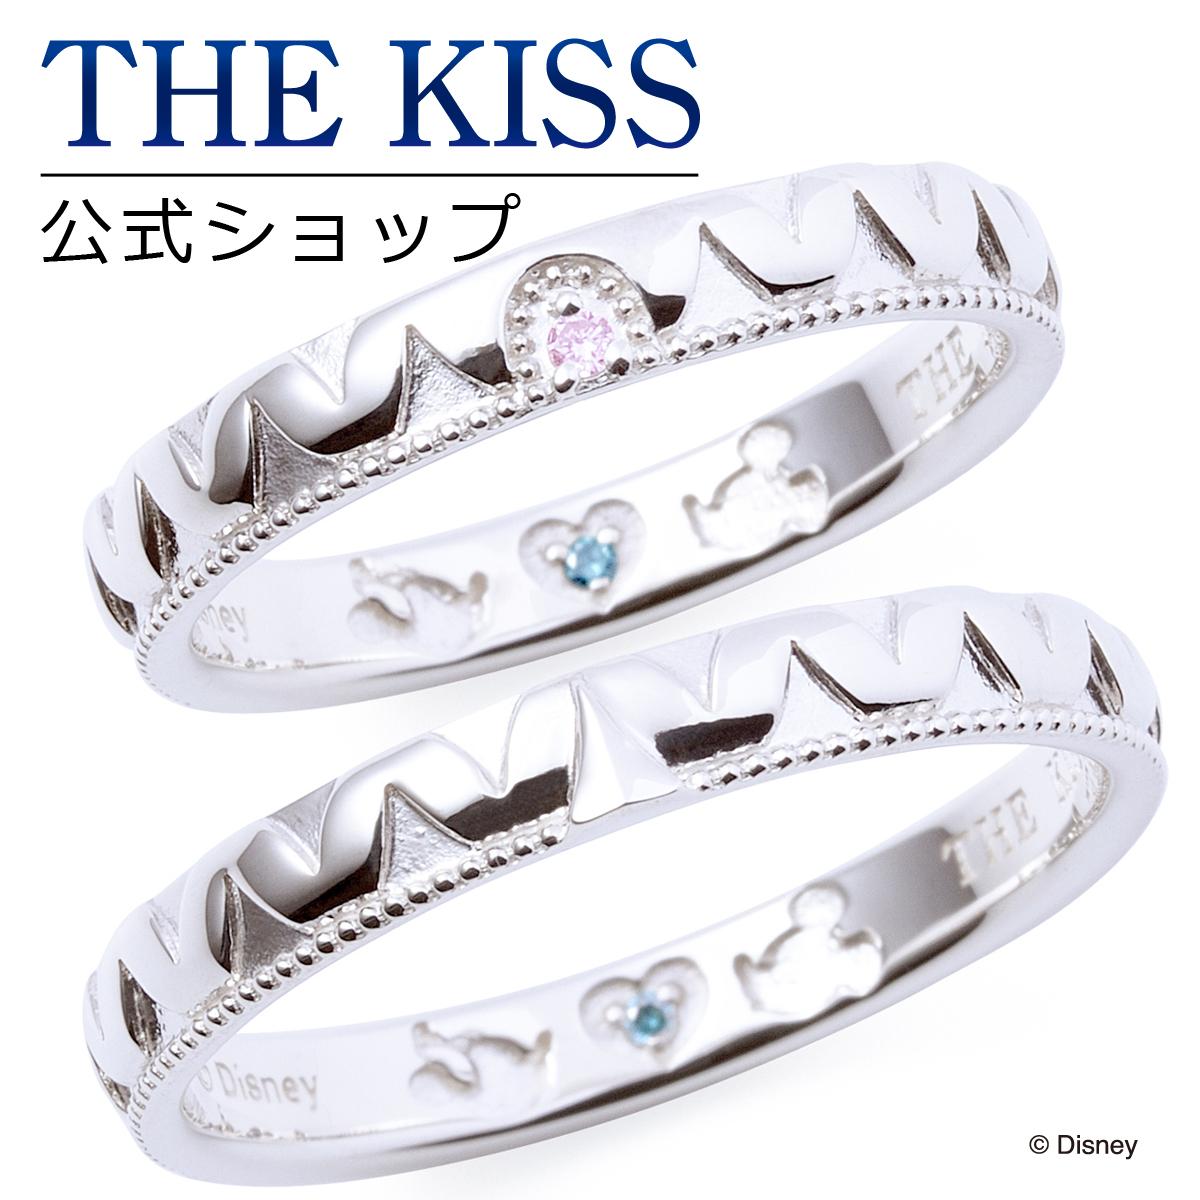 【刻印可_3文字】【あす楽対応】【ディズニーコレクション】 ディズニー / ペアリング / ミッキーマウス & ミニーマウス / THE KISS リング・指輪 シルバー DI-SR1829PDM-1830BDM セット シンプル ザキス 【送料無料】